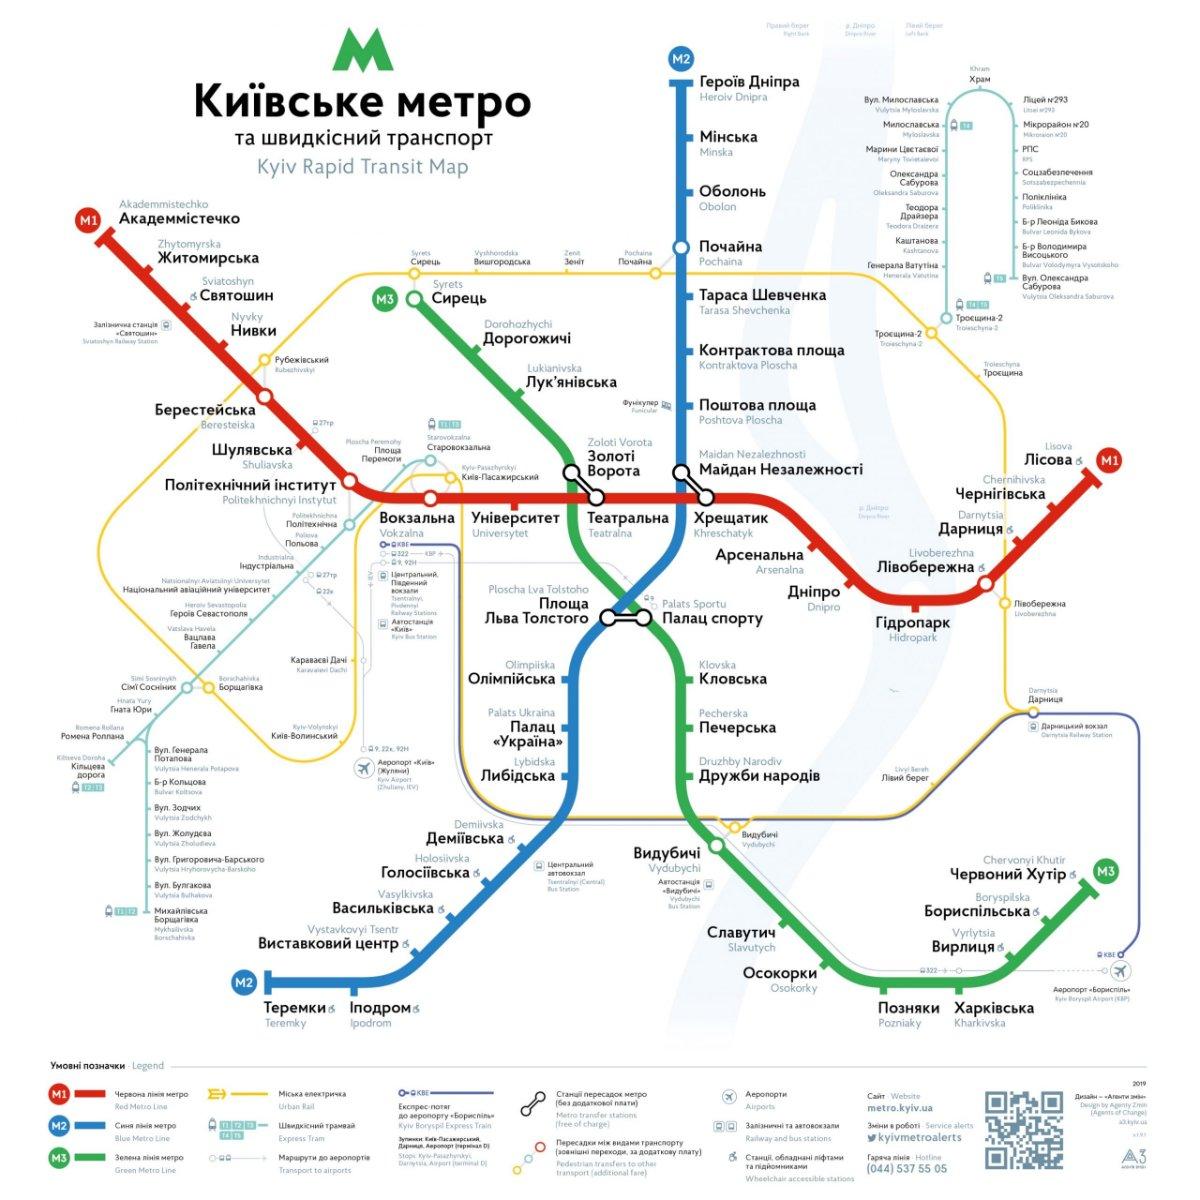 IDMedia Наружная реклама в городе Киев (Киевская область), Метро Digital в городе Киев №238988 схема